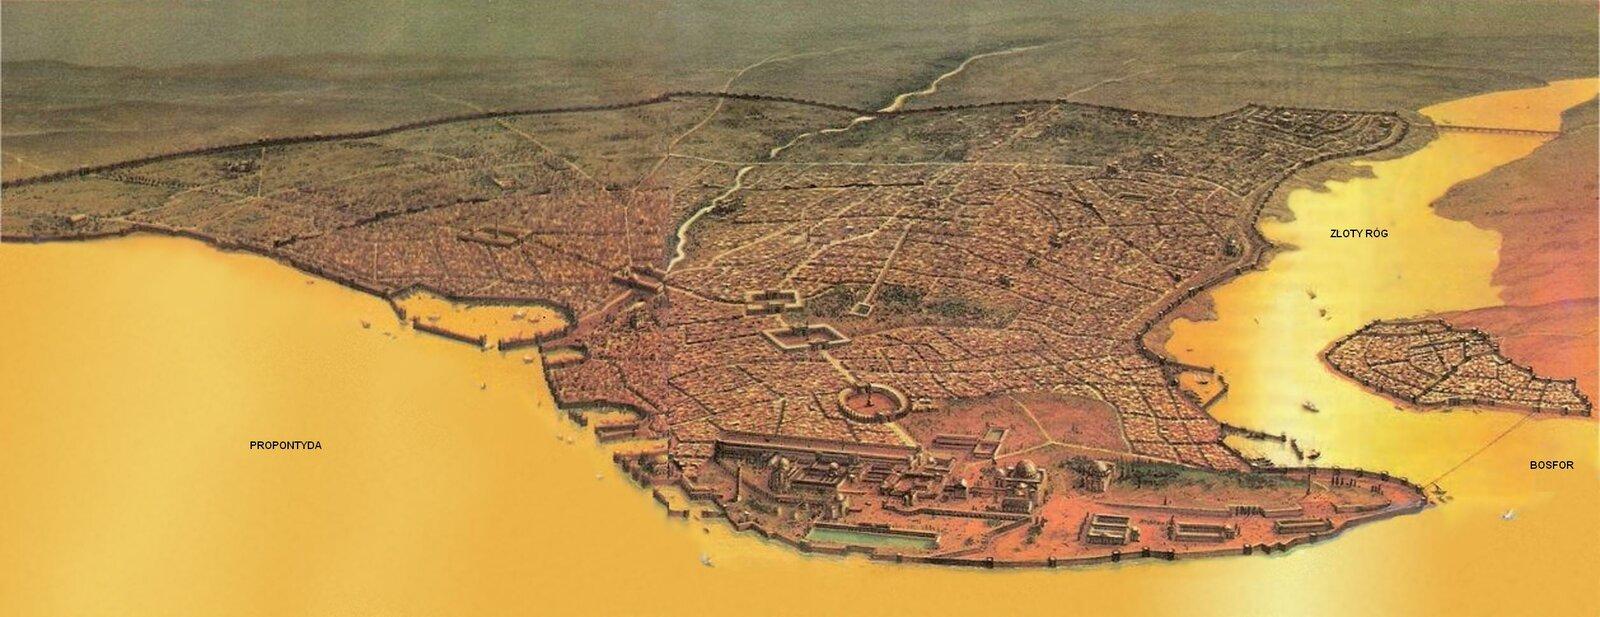 Konstantynopol, stolica Cesarstwa Źródło: Konstantynopol, stolica Cesarstwa, licencja: CC 0.